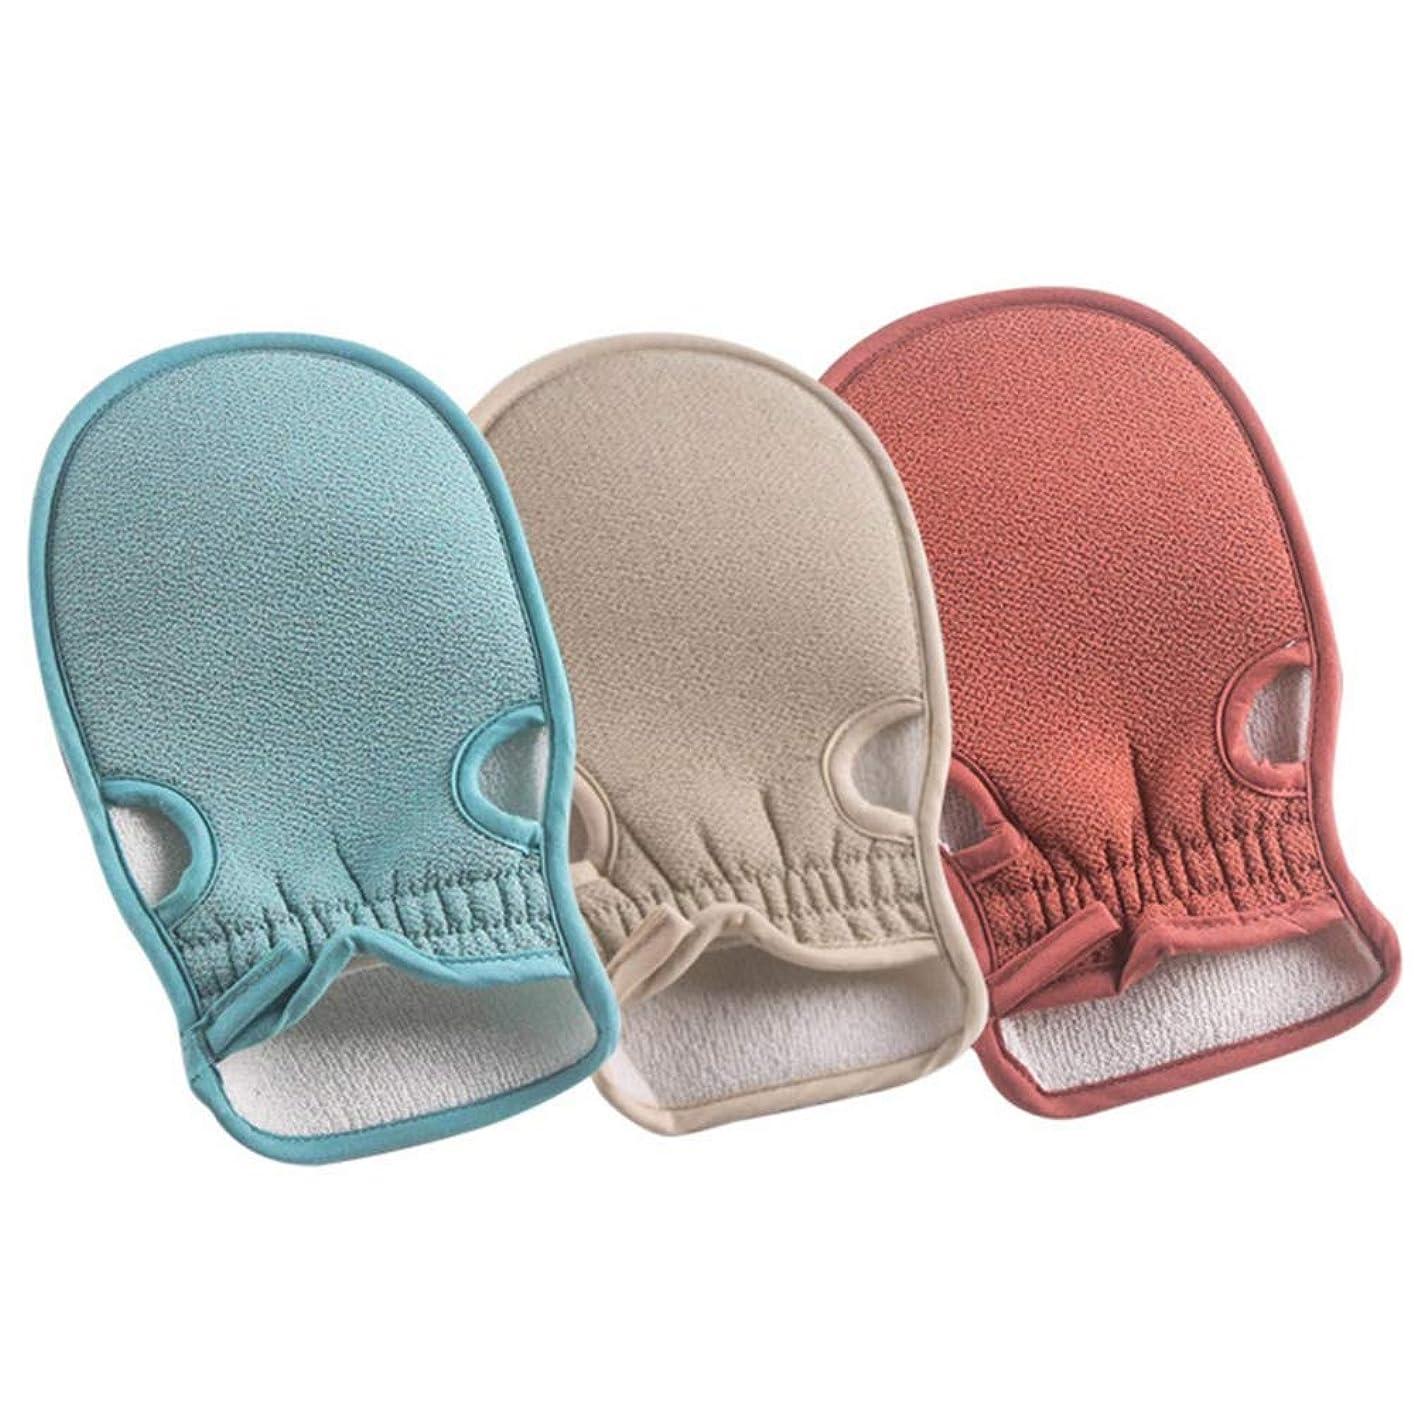 許可するコード合体あかすり ミトン 手袋 耐久性が強い上に軽く高品質ボディスクラブ 風呂 垢すり3色セット